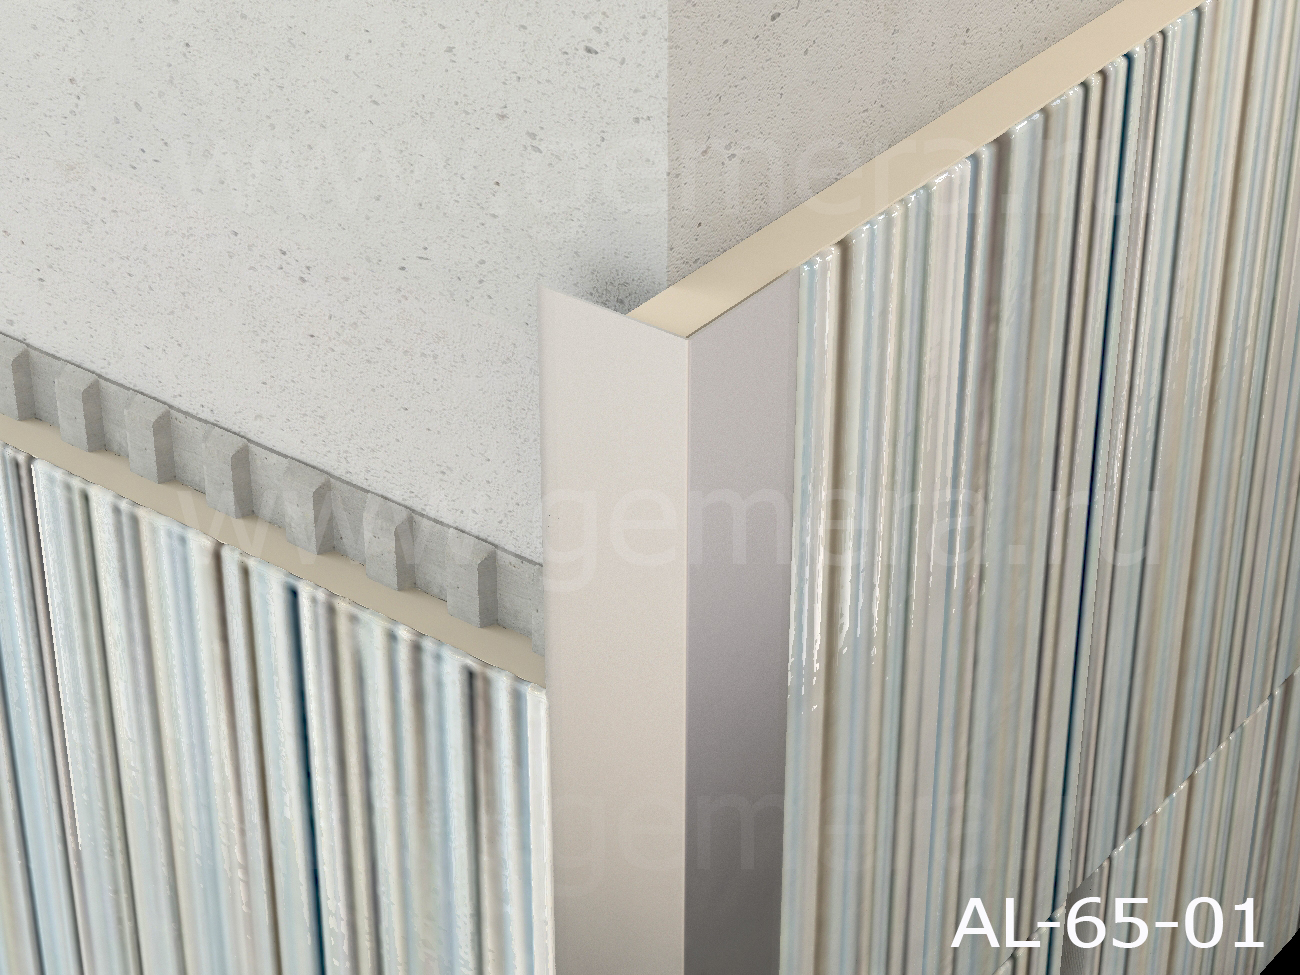 Уголок алюминиевый защитный Butun AL-65-01